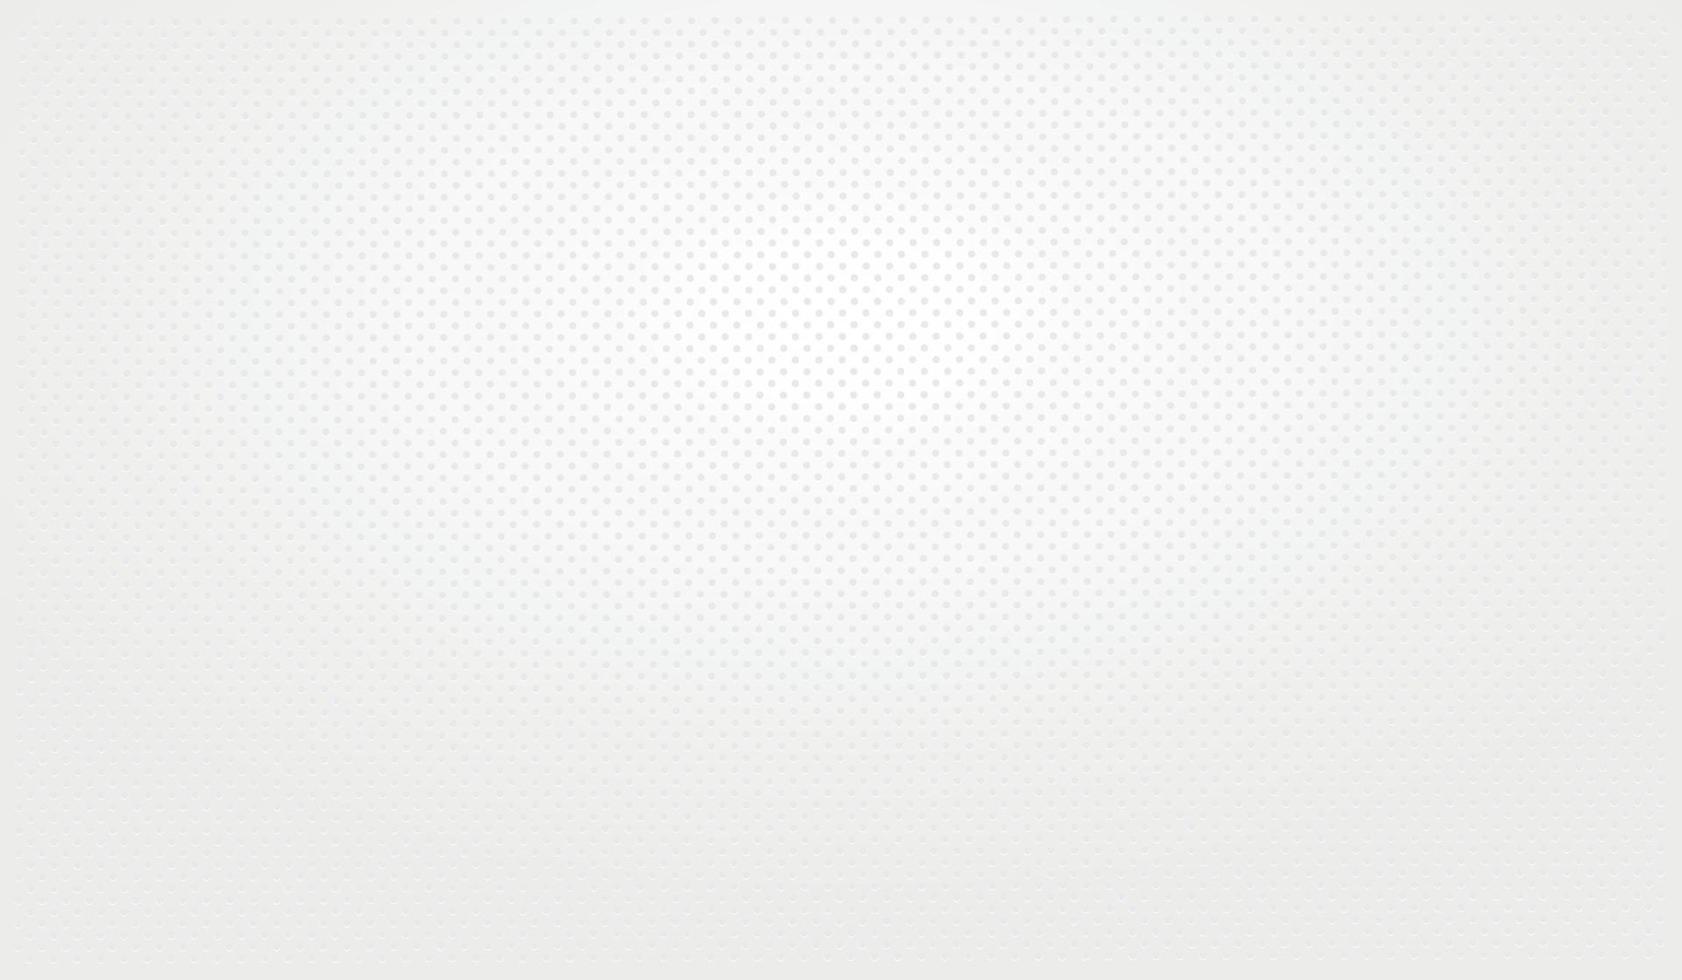 fond perforé blanc avec des trous blancs et une lueur vecteur